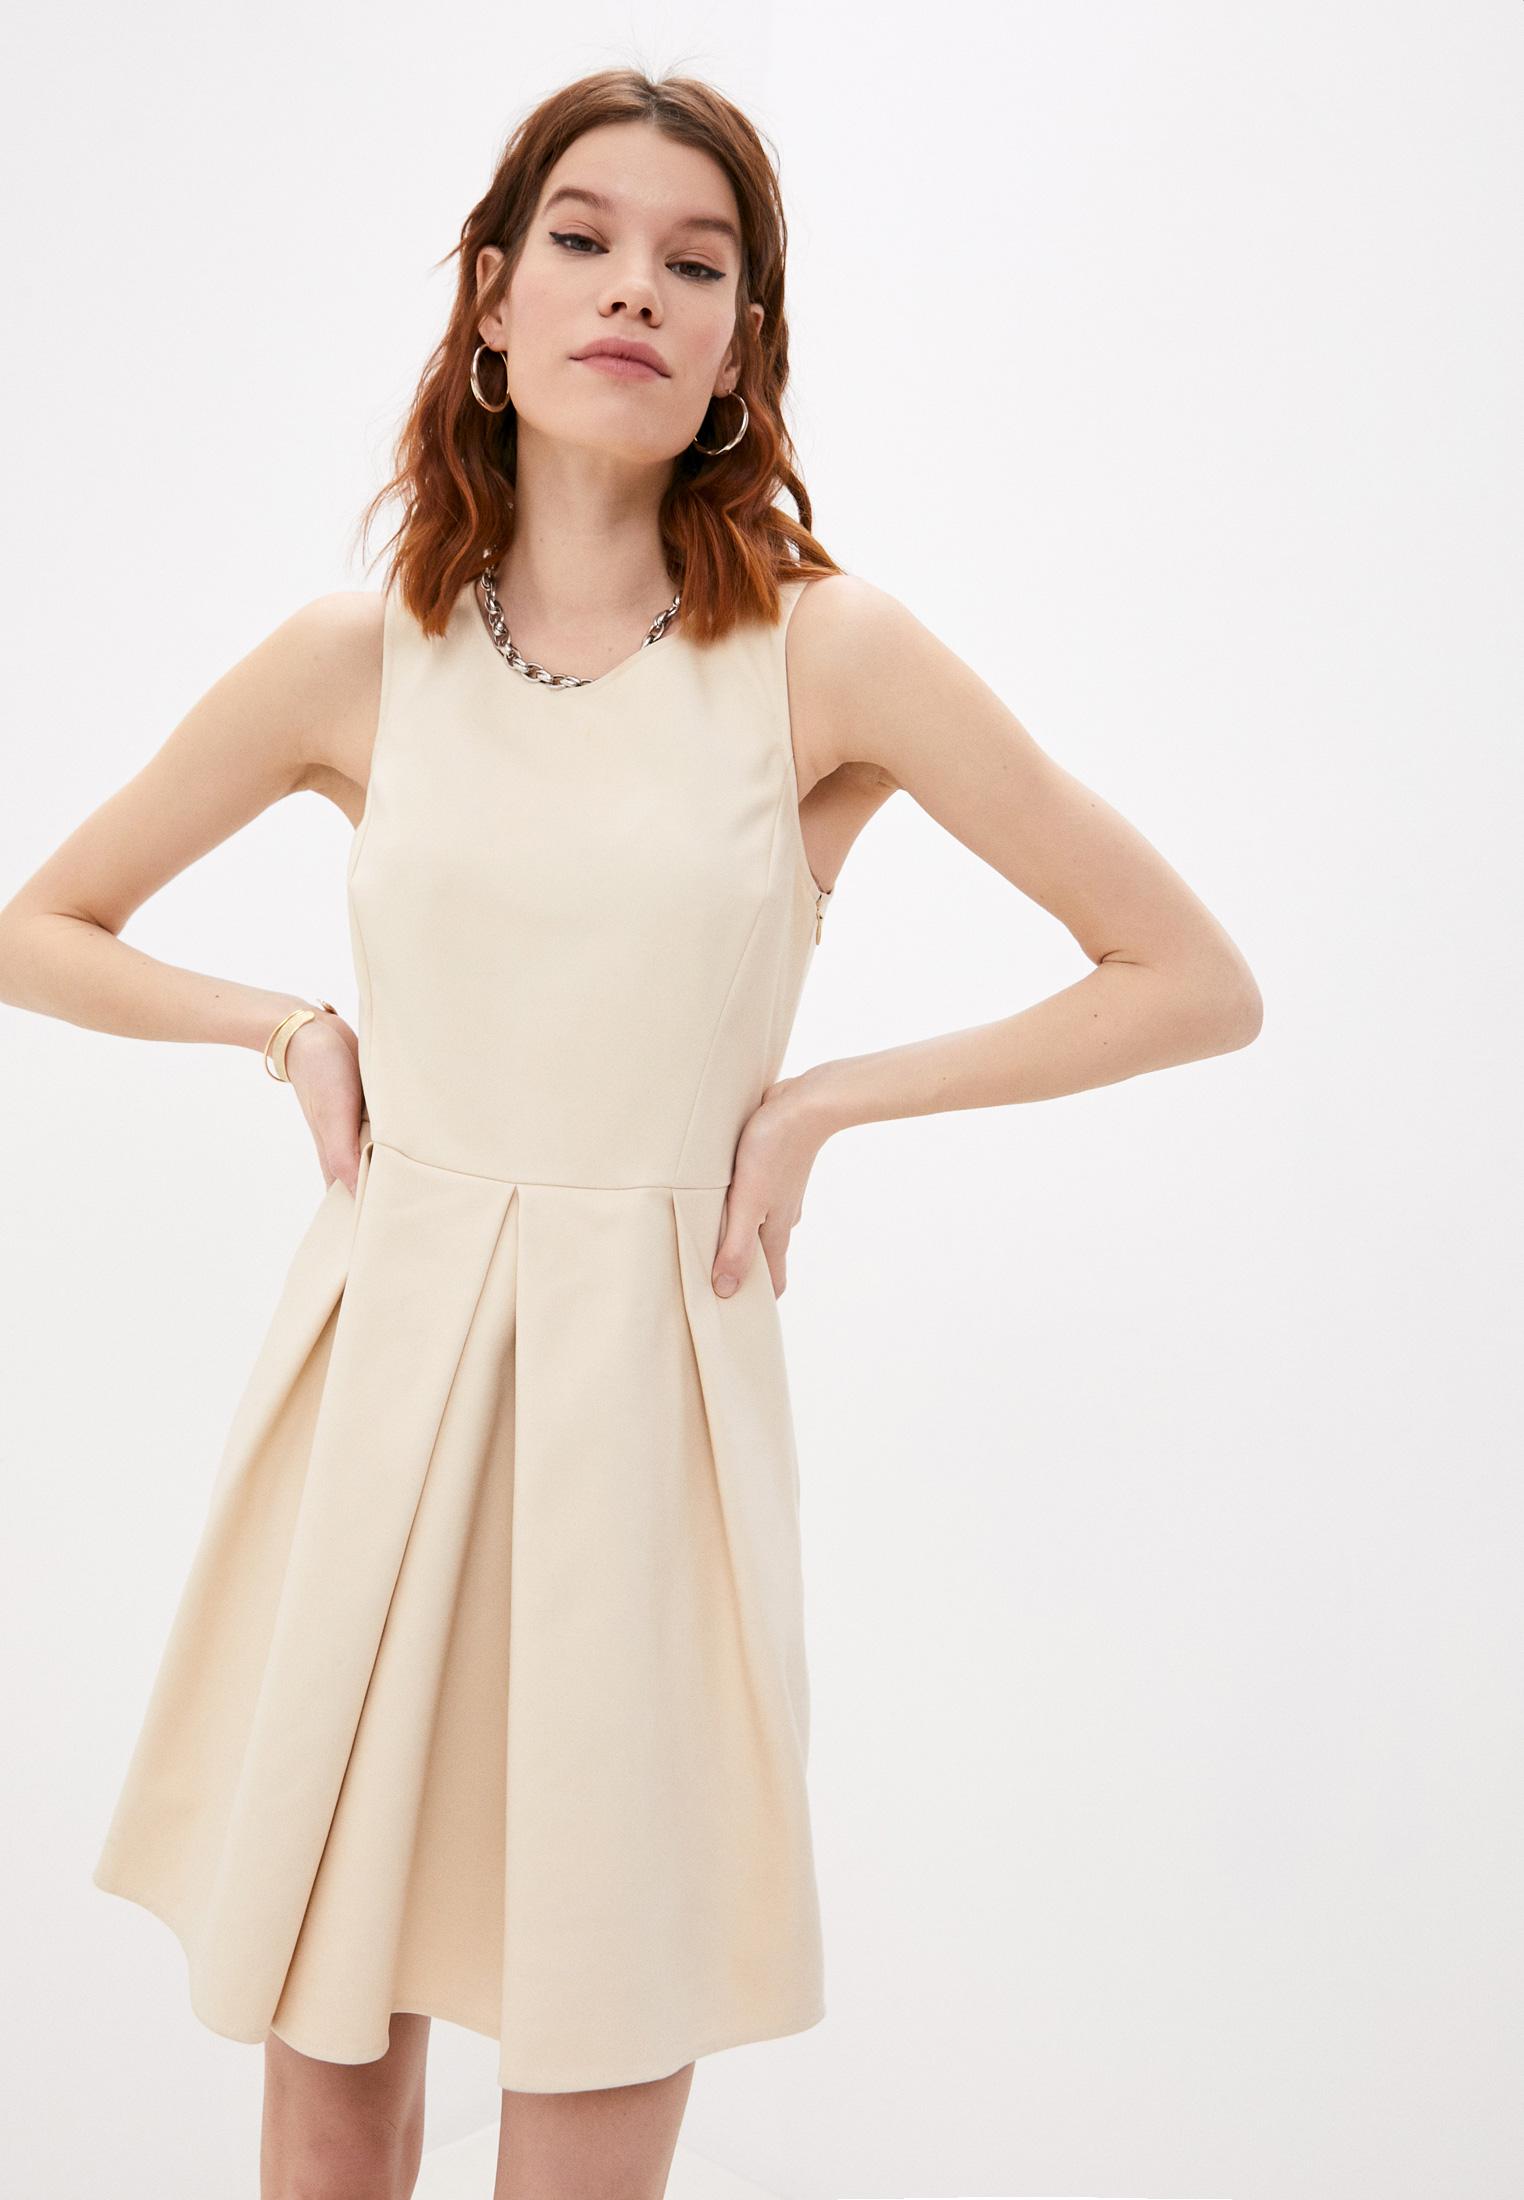 Повседневное платье Patrizia Pepe (Патриция Пепе) DA1806 A43 B481